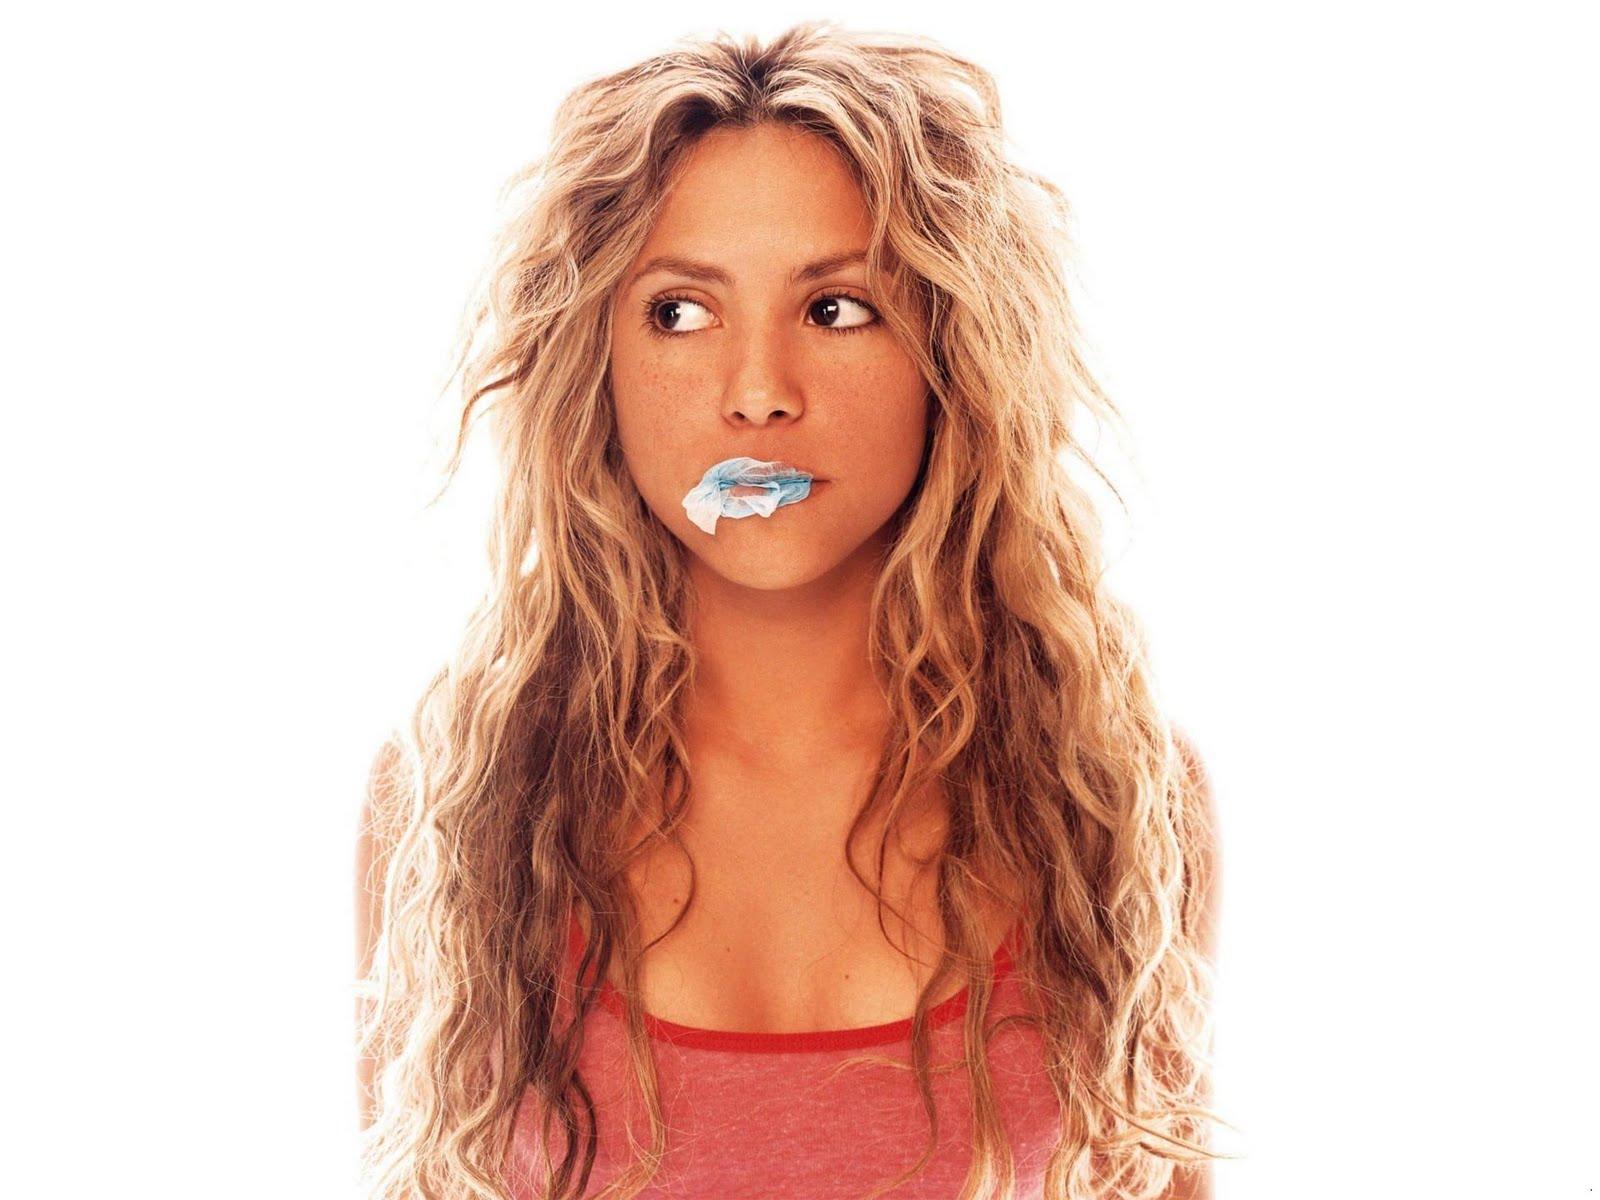 http://1.bp.blogspot.com/-2Iv1rn7rxlk/TtztsUGtxjI/AAAAAAAACJM/NGXXK_44EvM/s1600/Shakira_pop_star_wallpapers_05.jpg